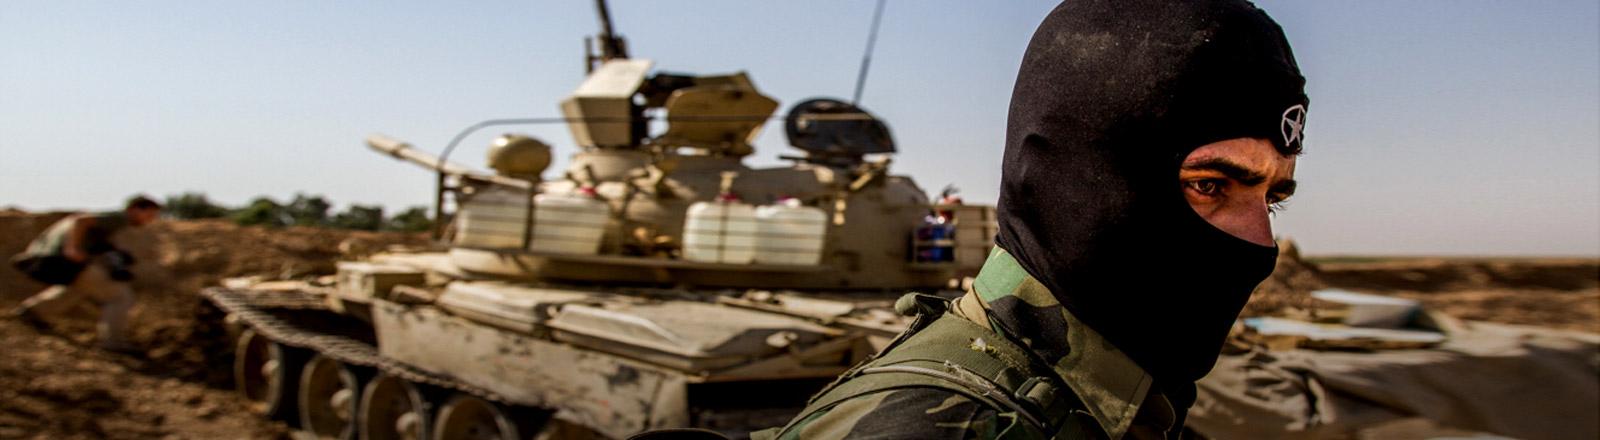 Ein kurdischer Soldat vor einem Panzer.